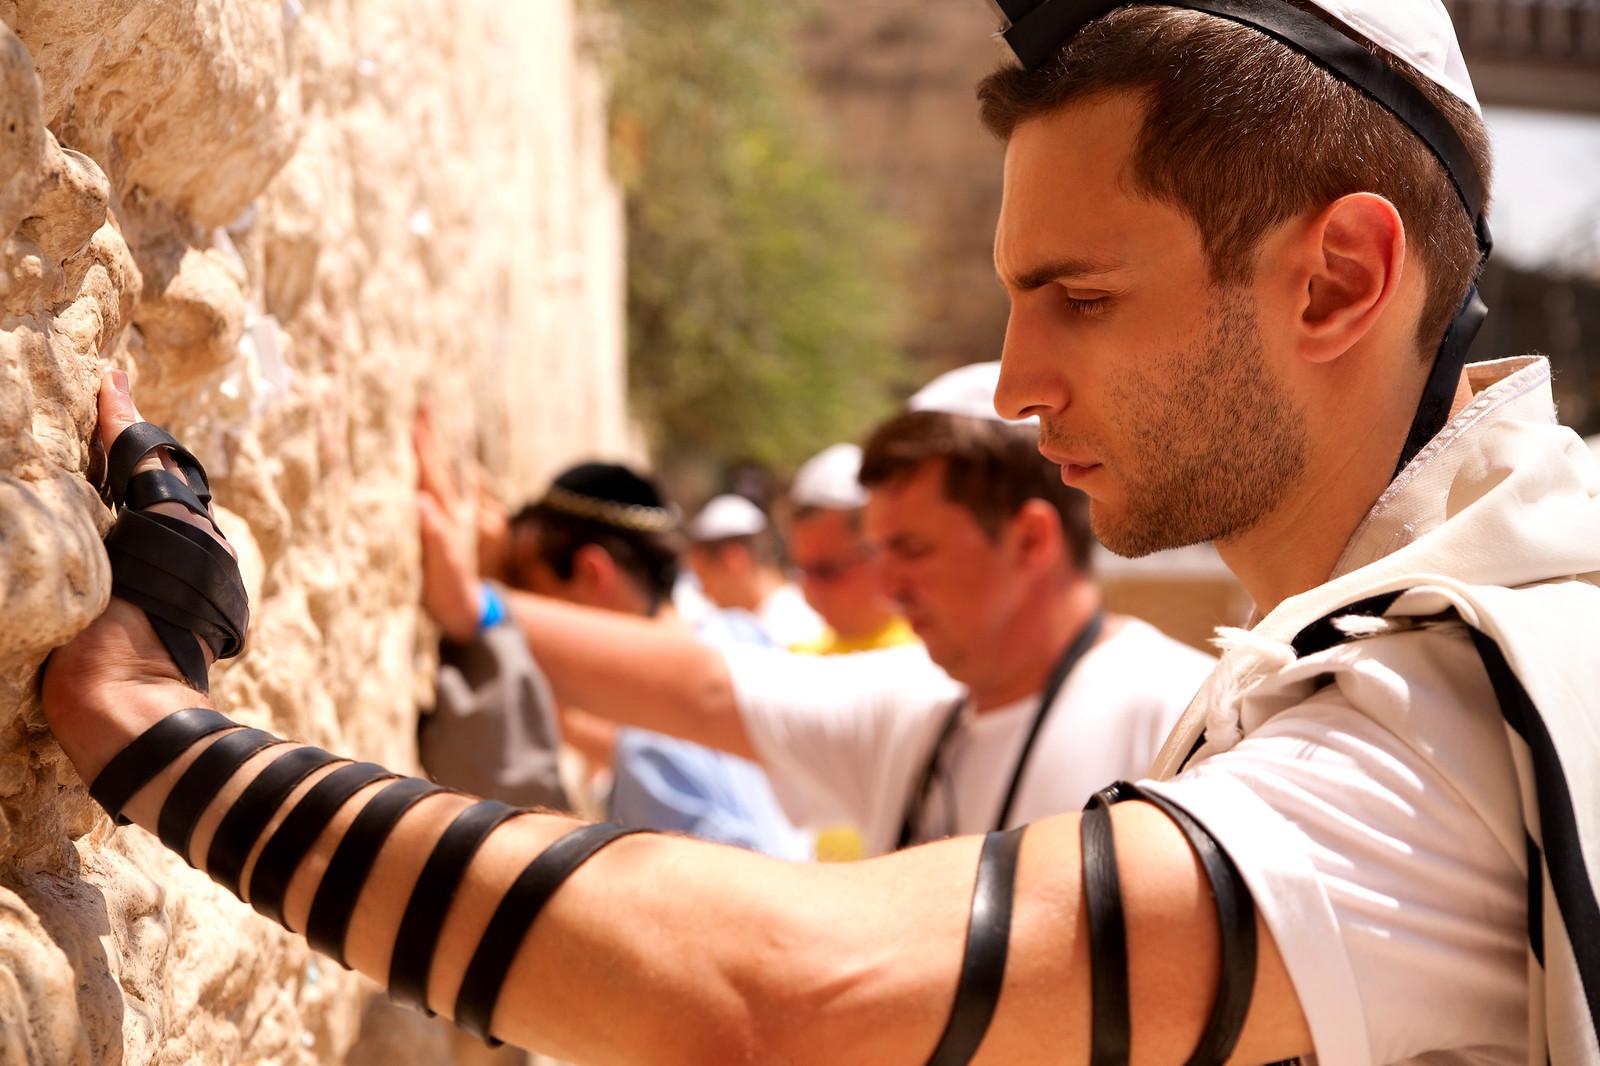 Jersusalem_Western Wall_Tefillin_5_Noam Chen_IMOT